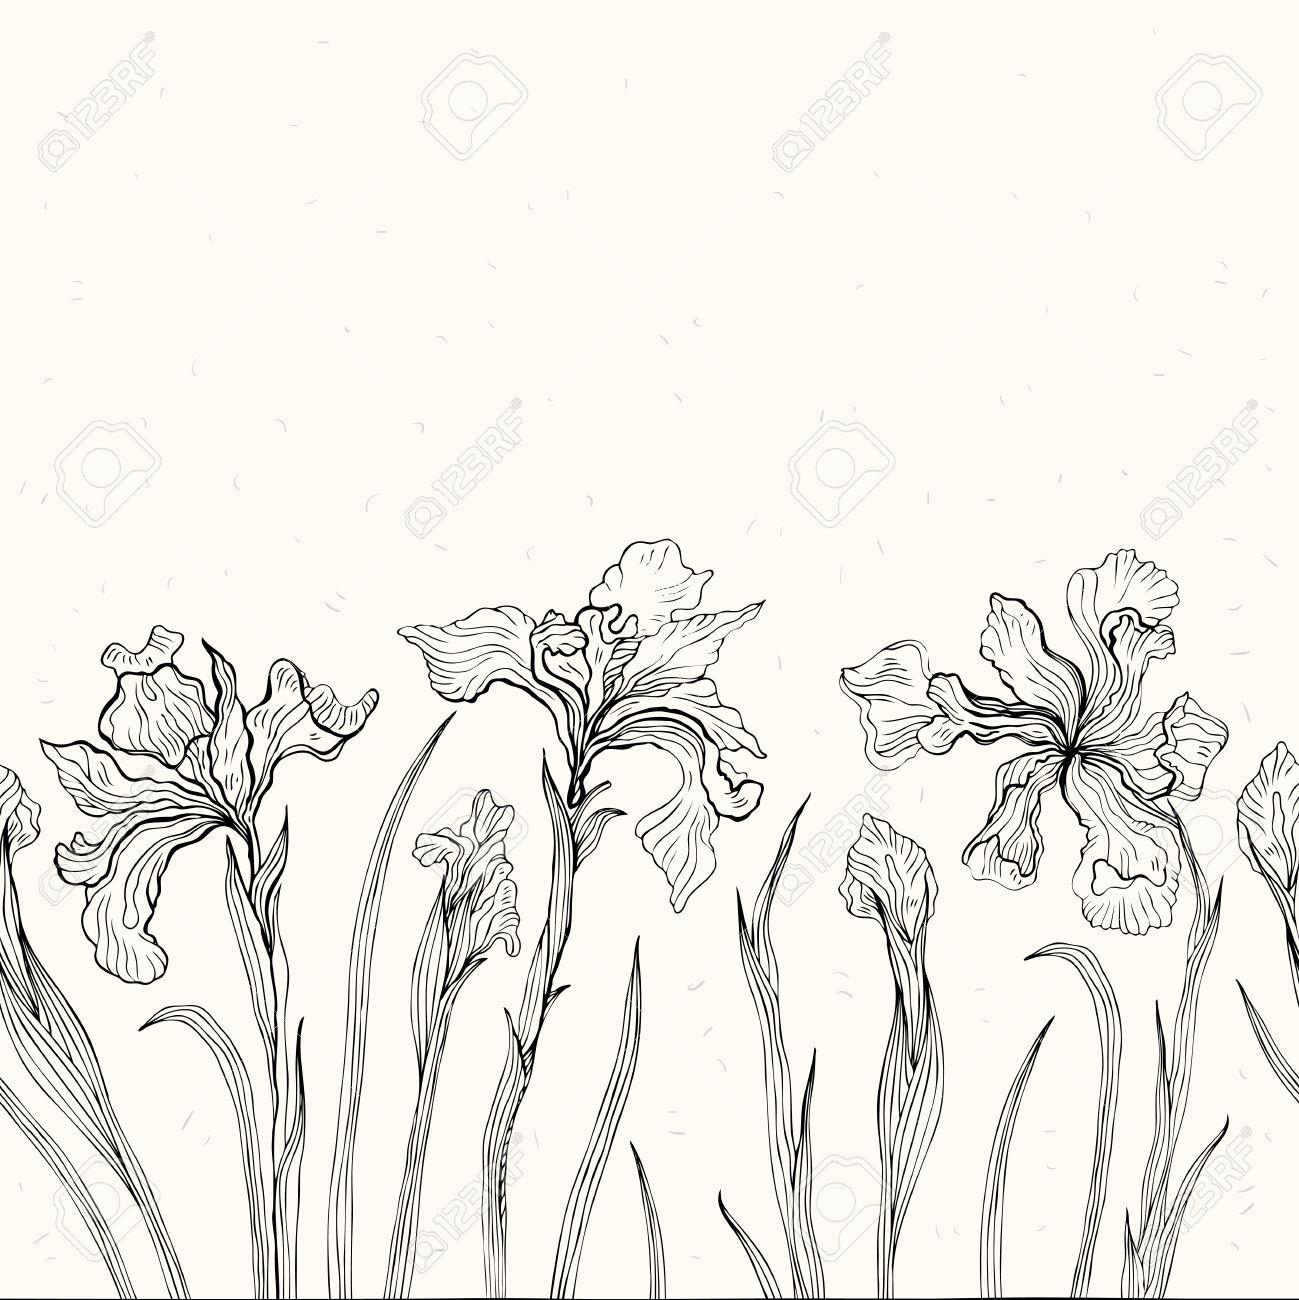 1299x1300 Drawn Iris